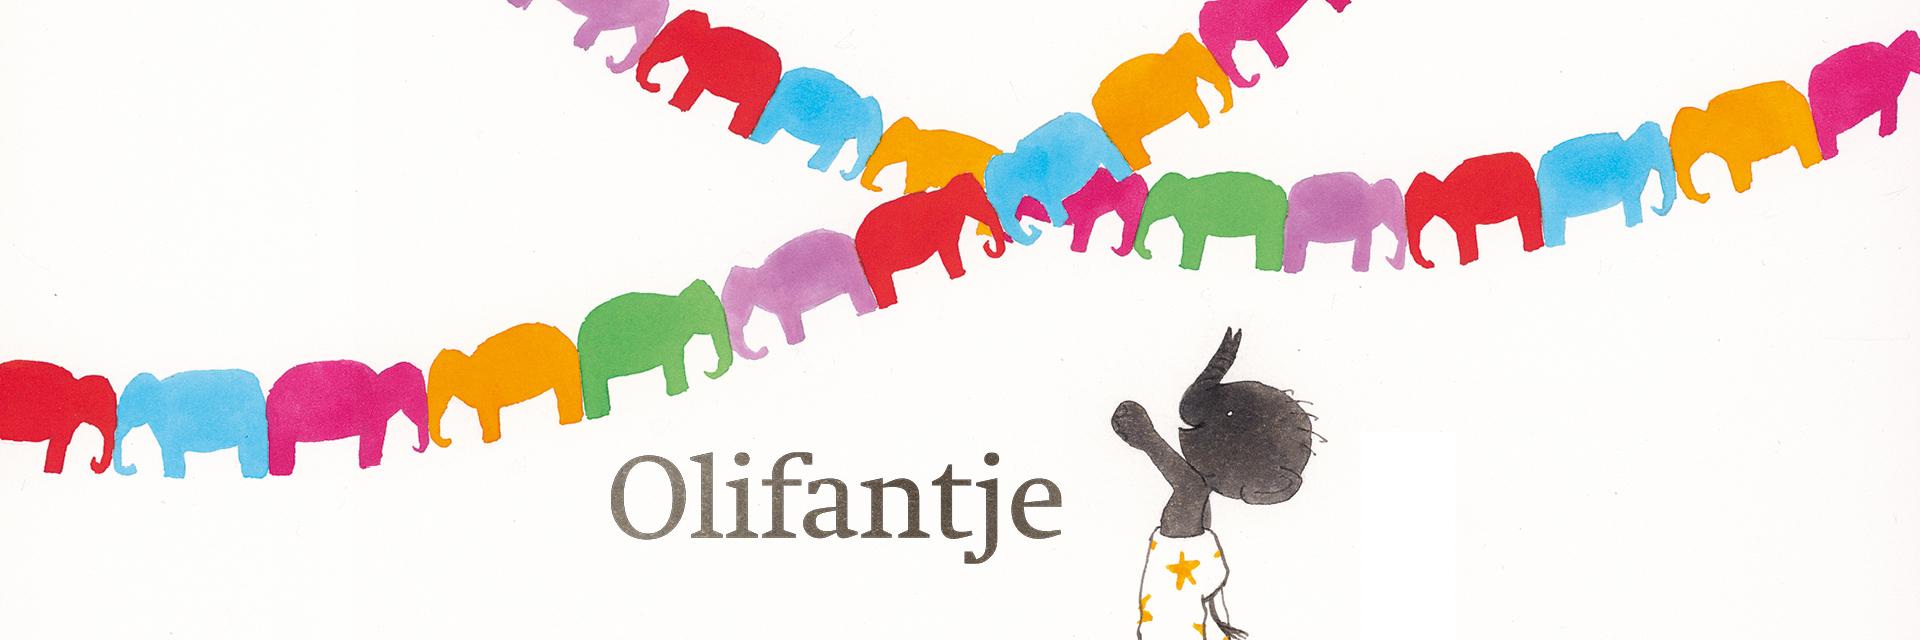 Olifantje - Annemarie van Haeringen